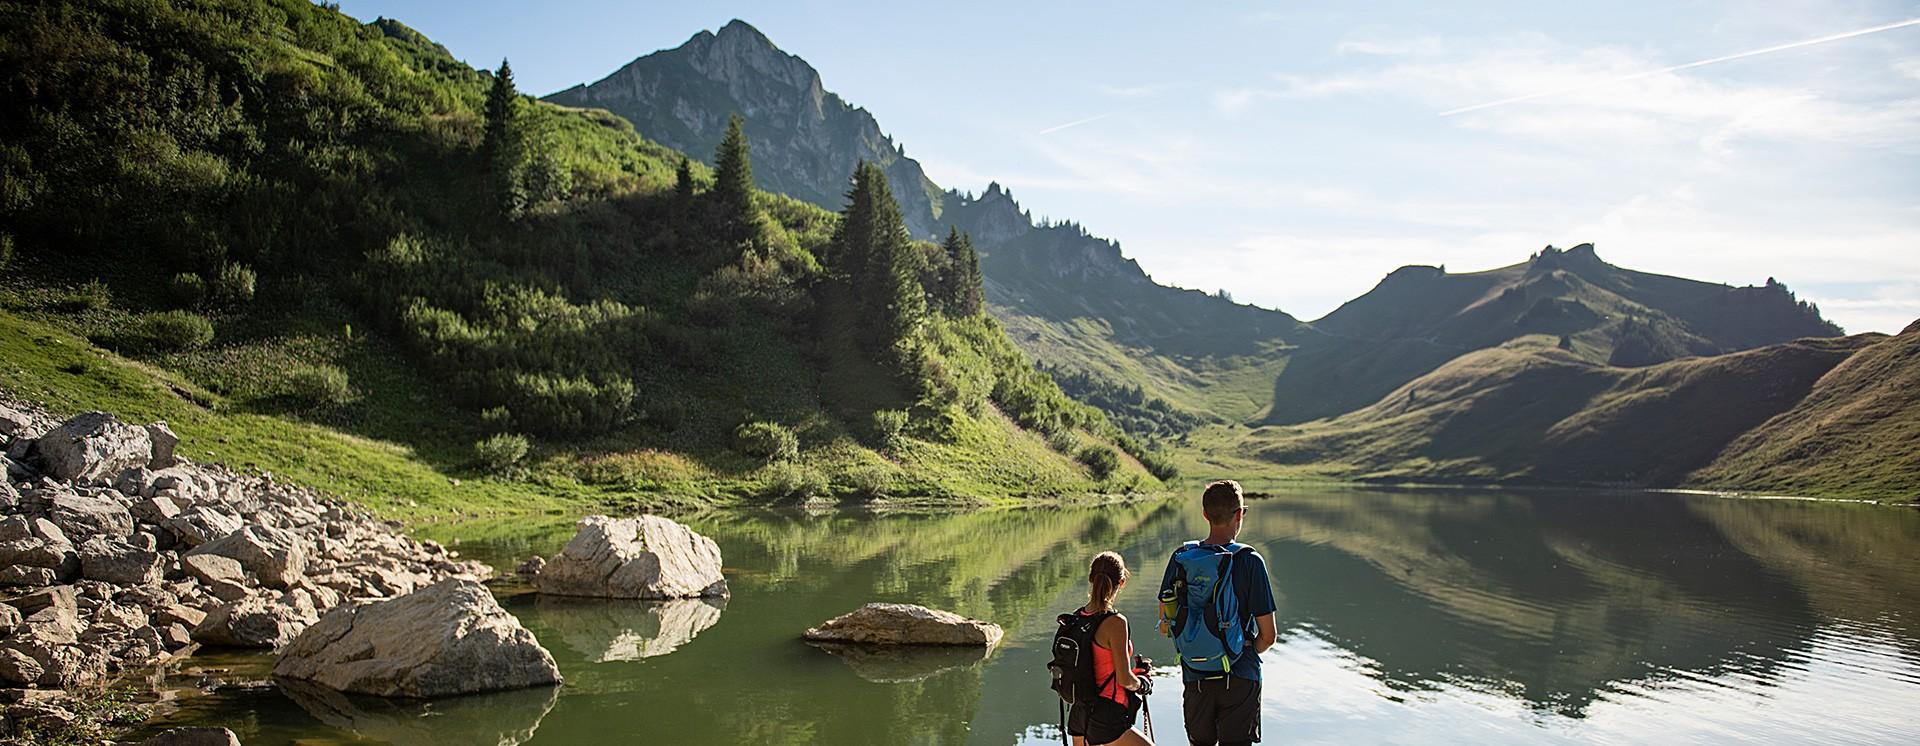 slider-montagne-aventuriere-302426